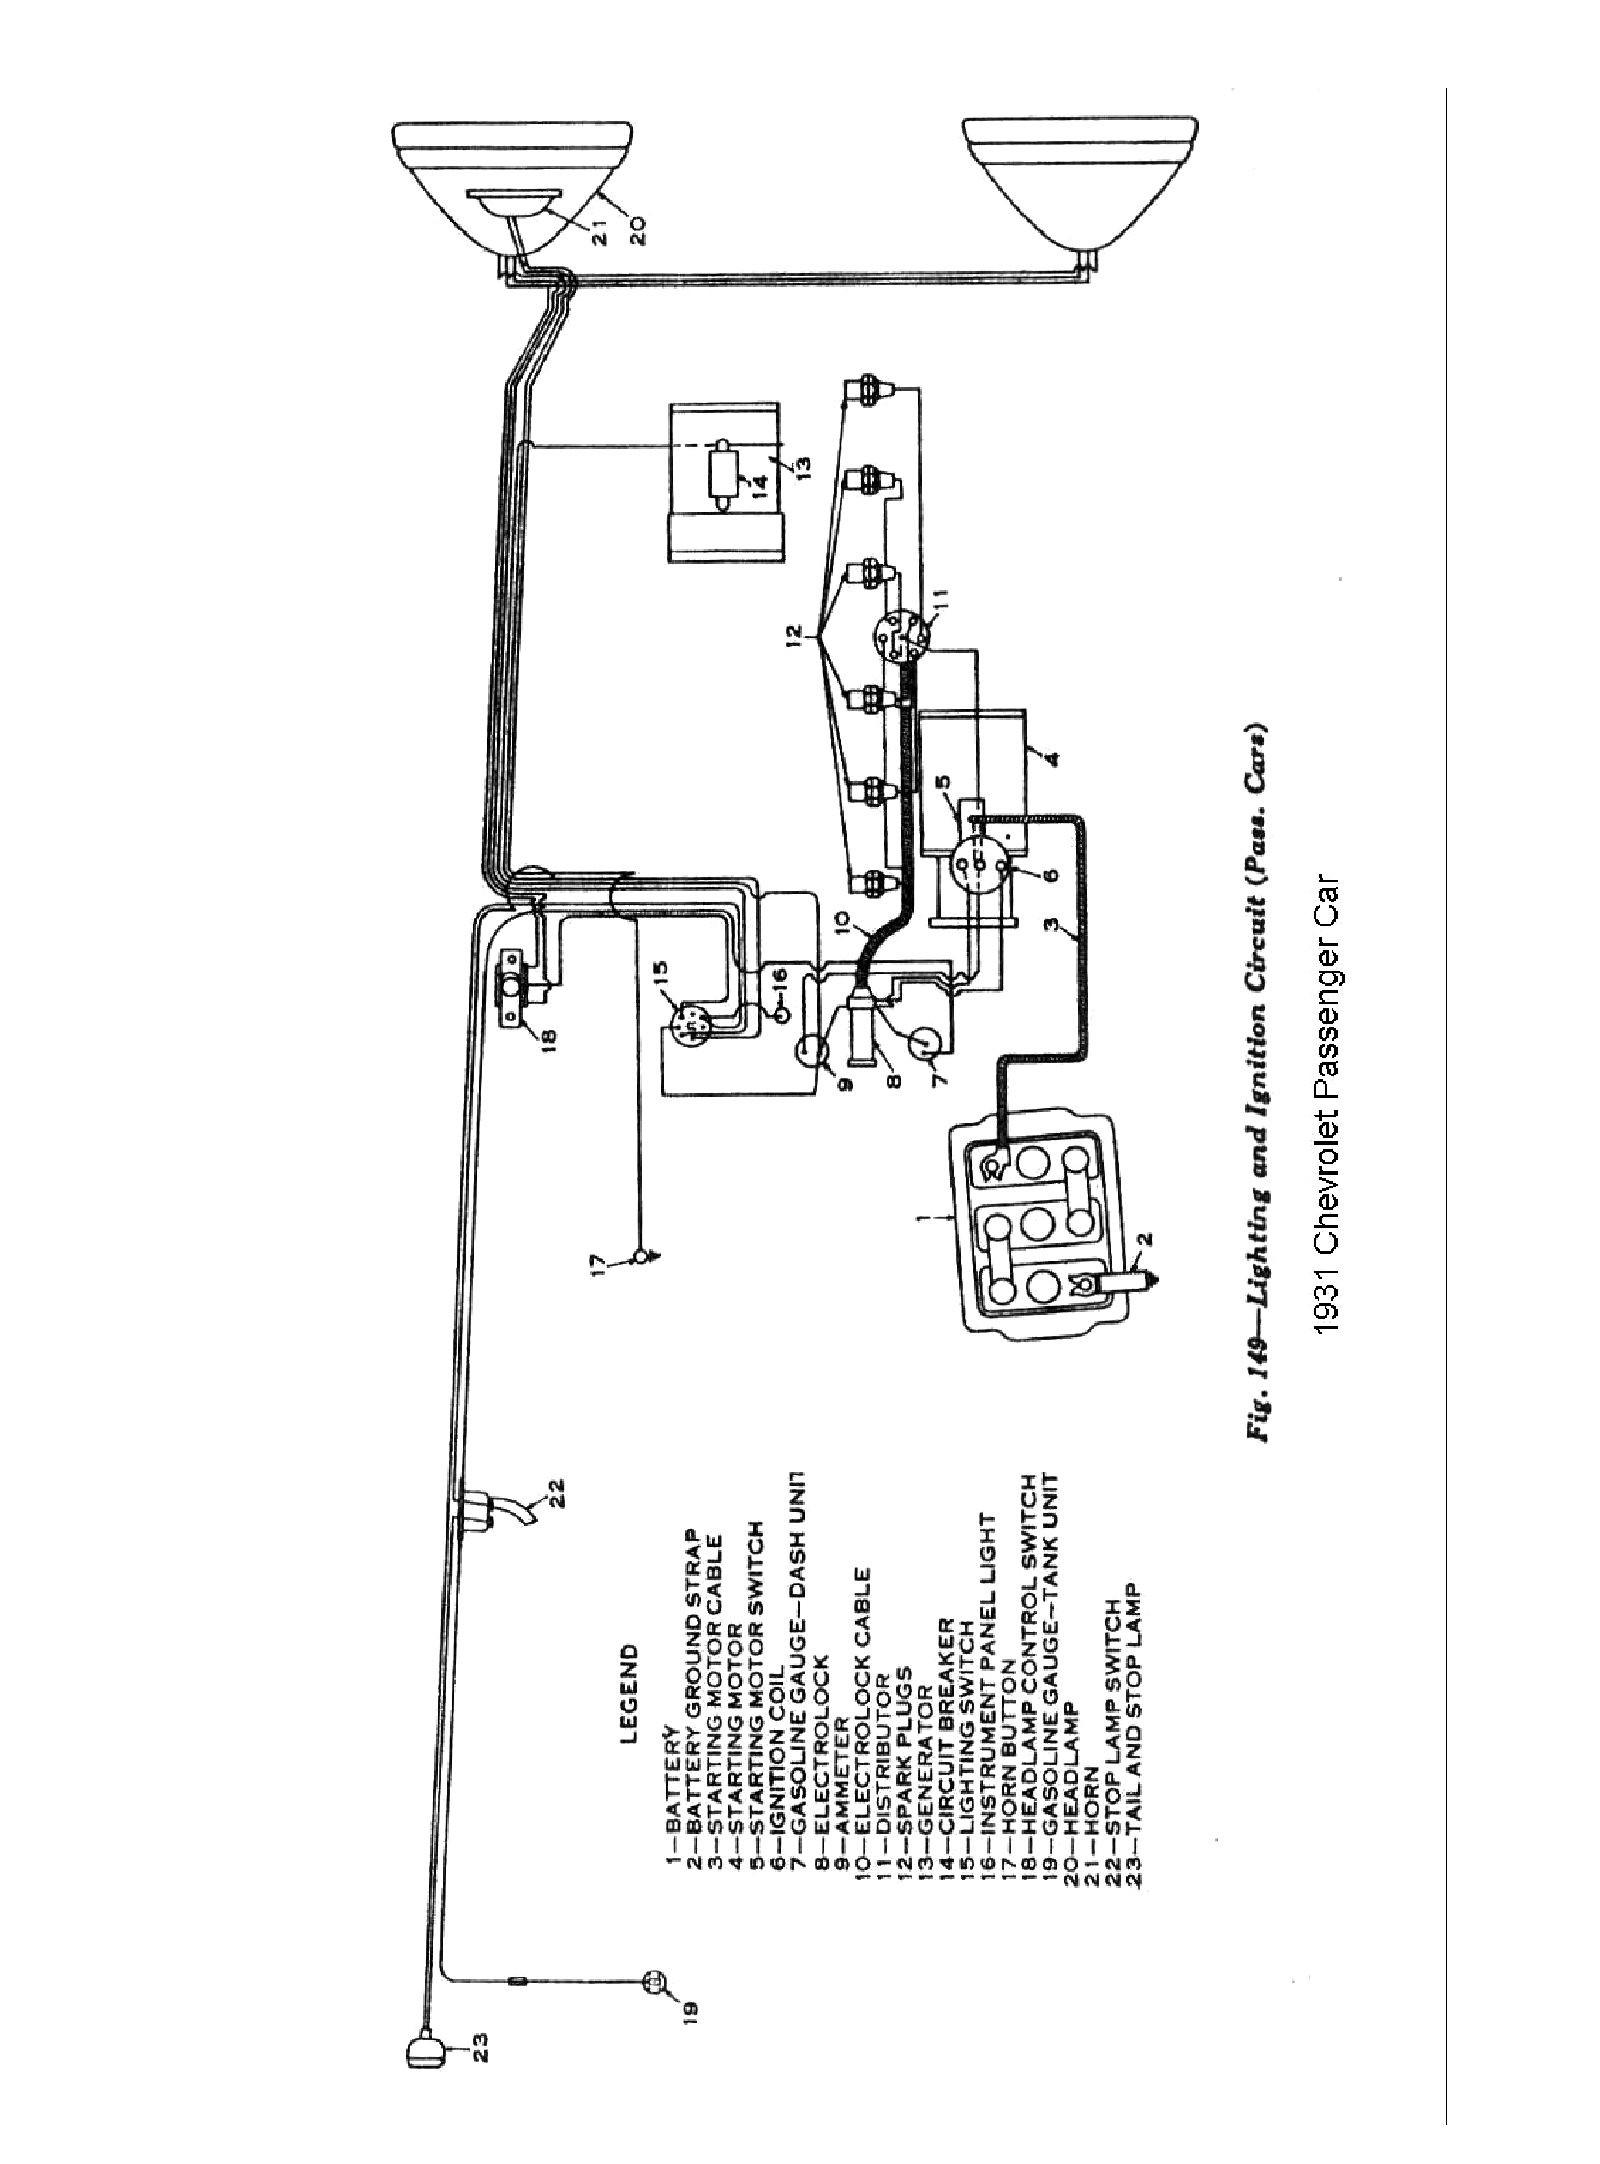 skeeter wiring diagram wiring library marine tachometer wiring diagram gas  gauge and tach wiring diagram just